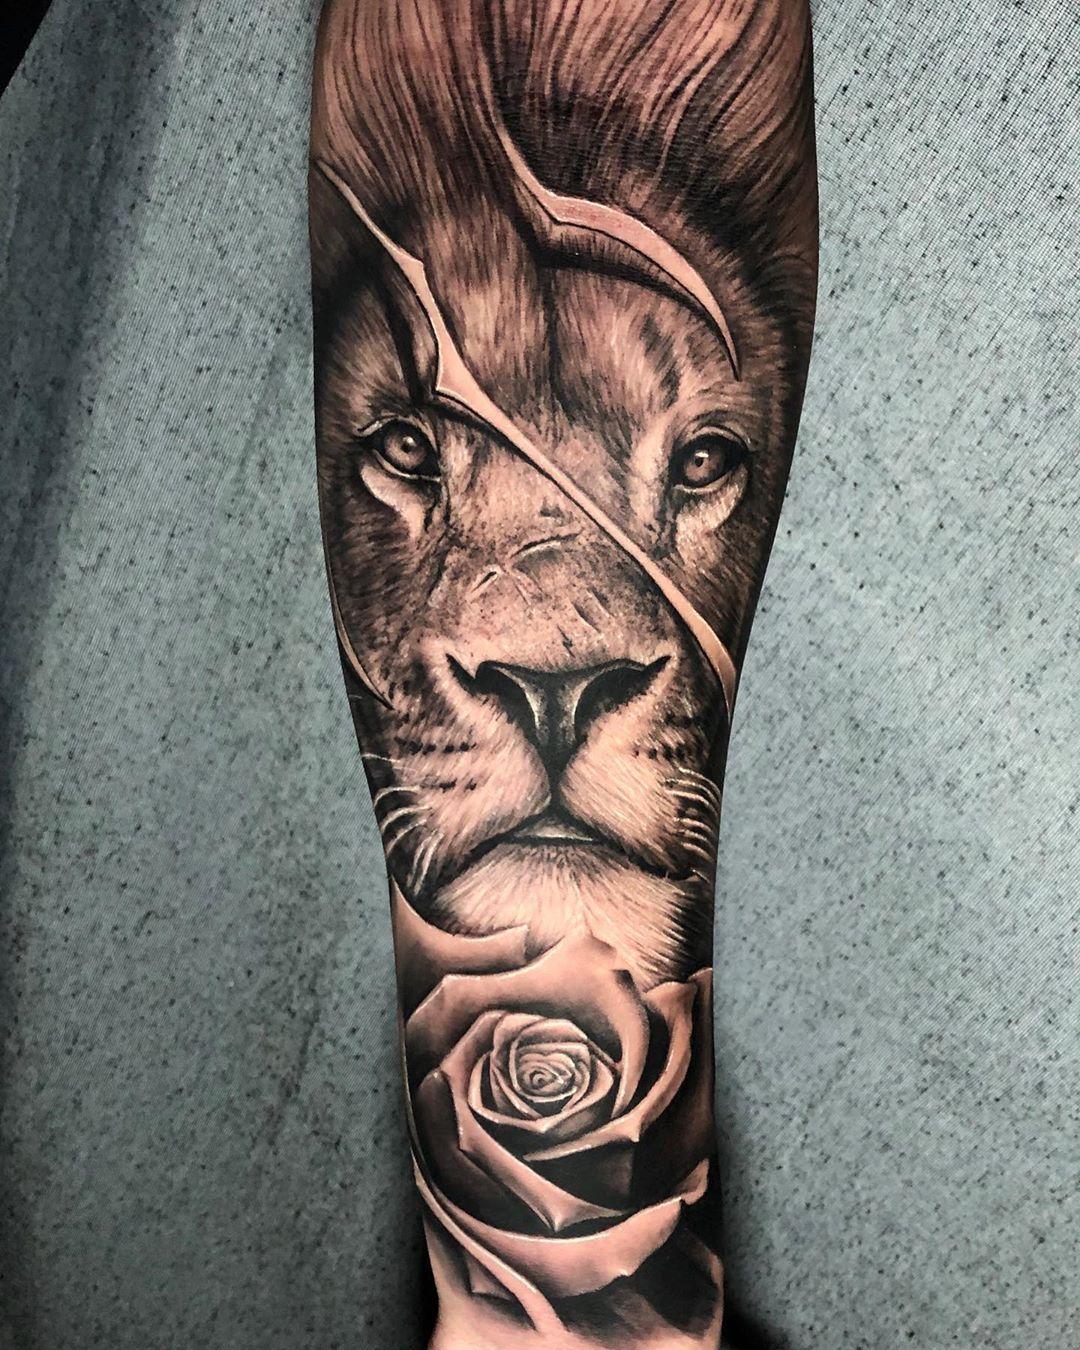 татуювання лева і троянди на руці